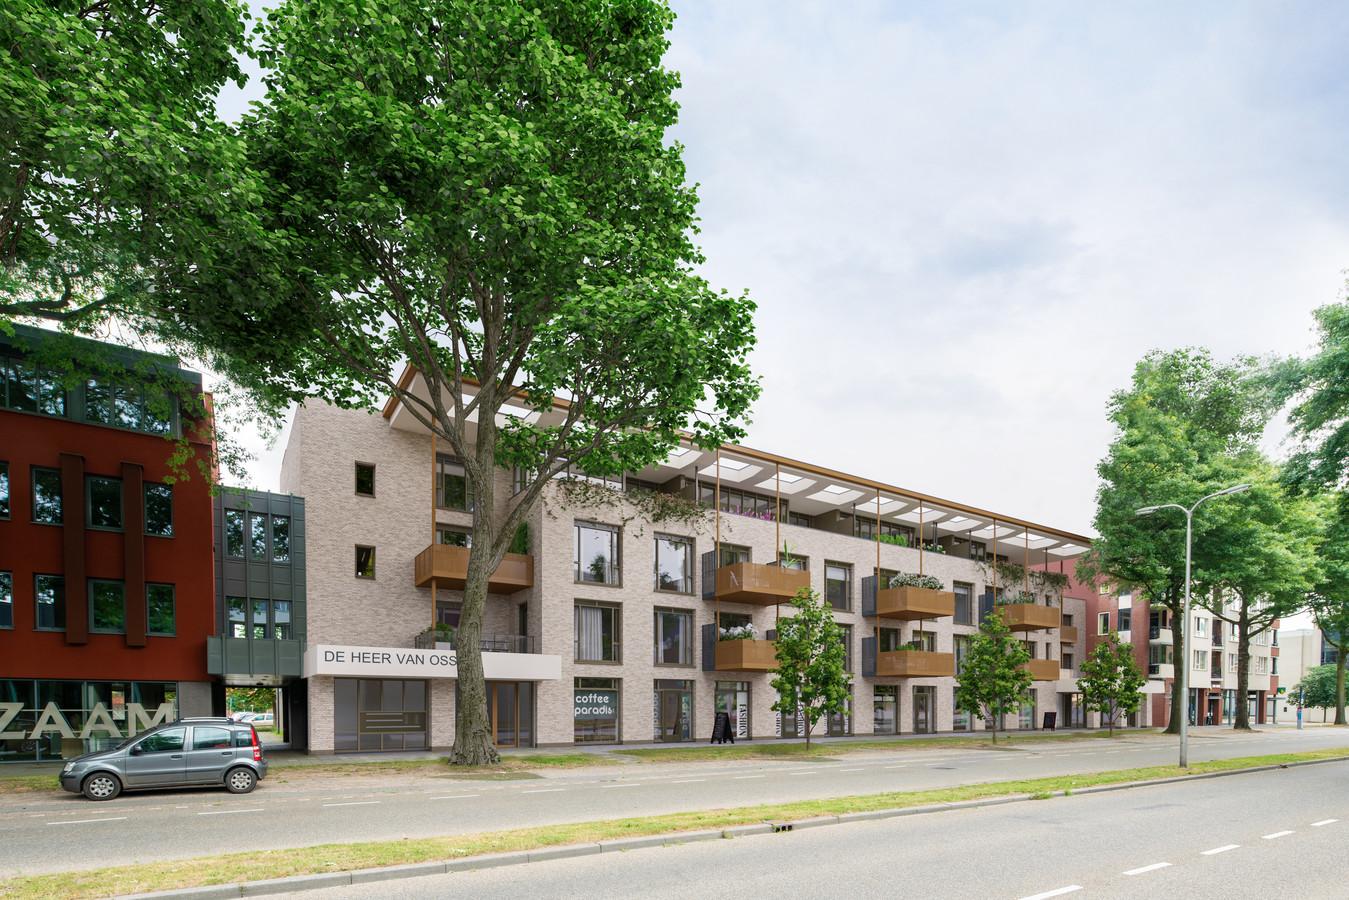 Het appartementencomplex aan de Raadhuislaan in Oss, recht tegenover het gemeentehuis gaat De Heer van Oss heten.